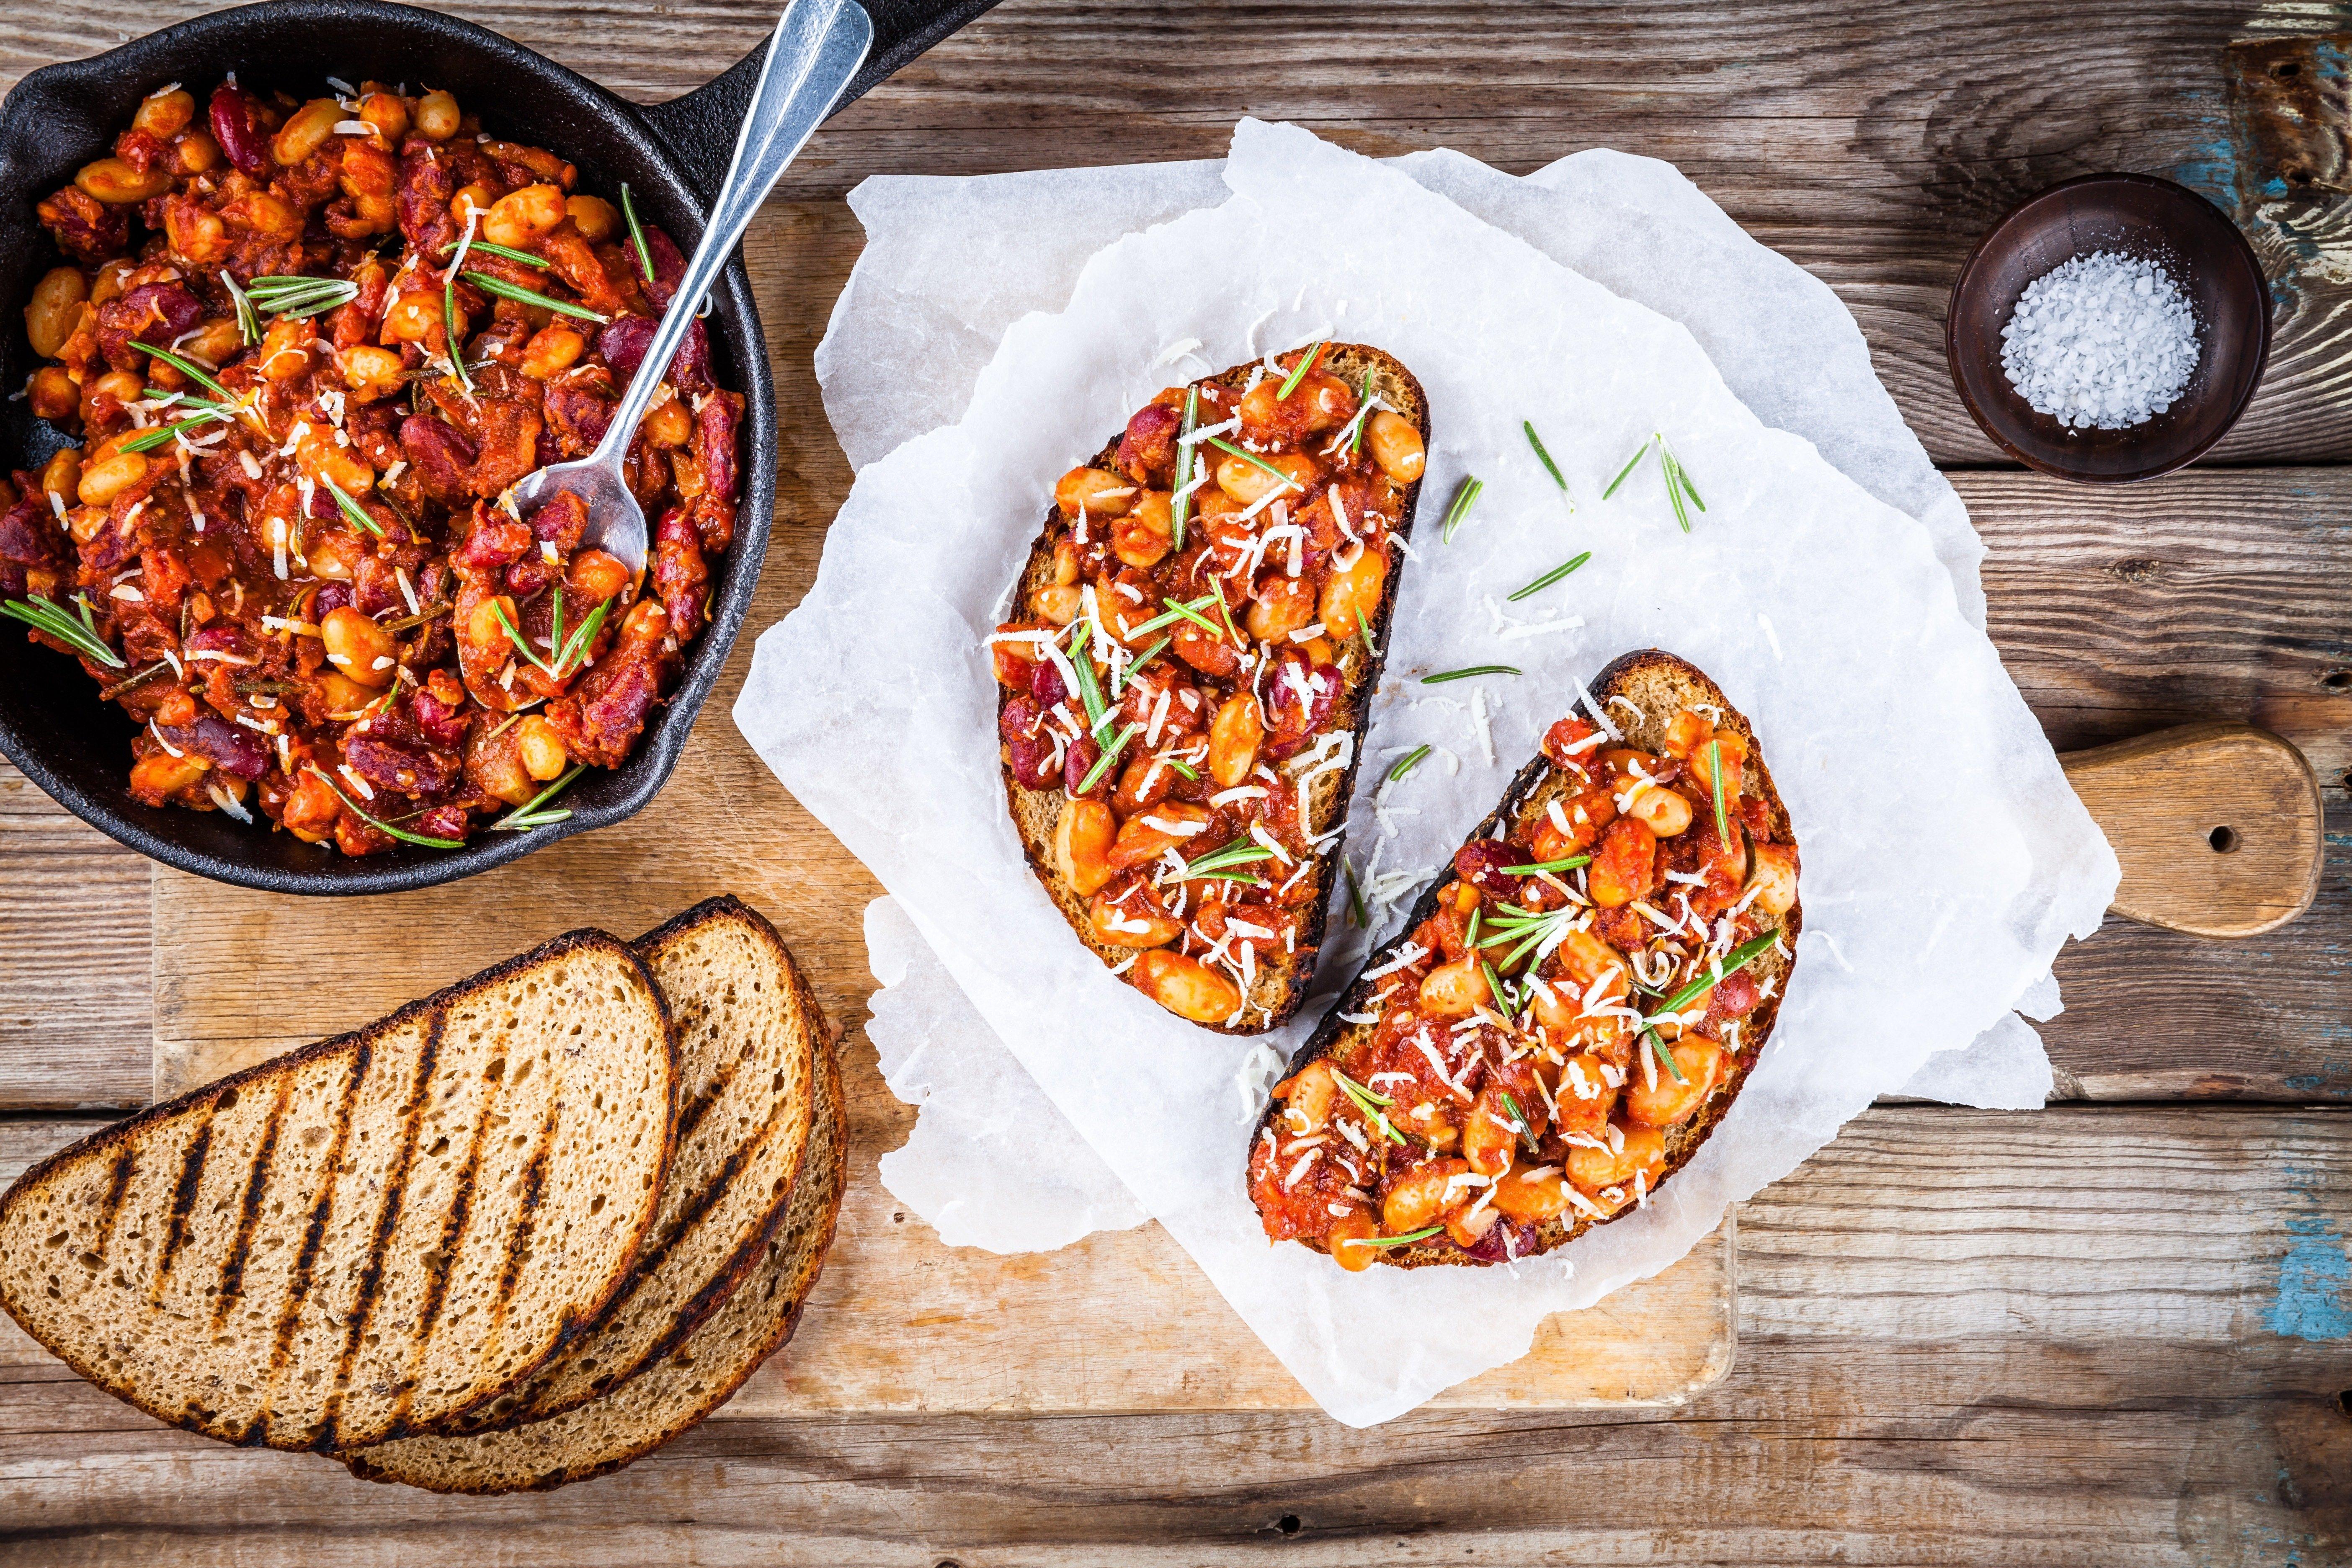 Un délicieux repas bien préparé | Photo : Shutterstock